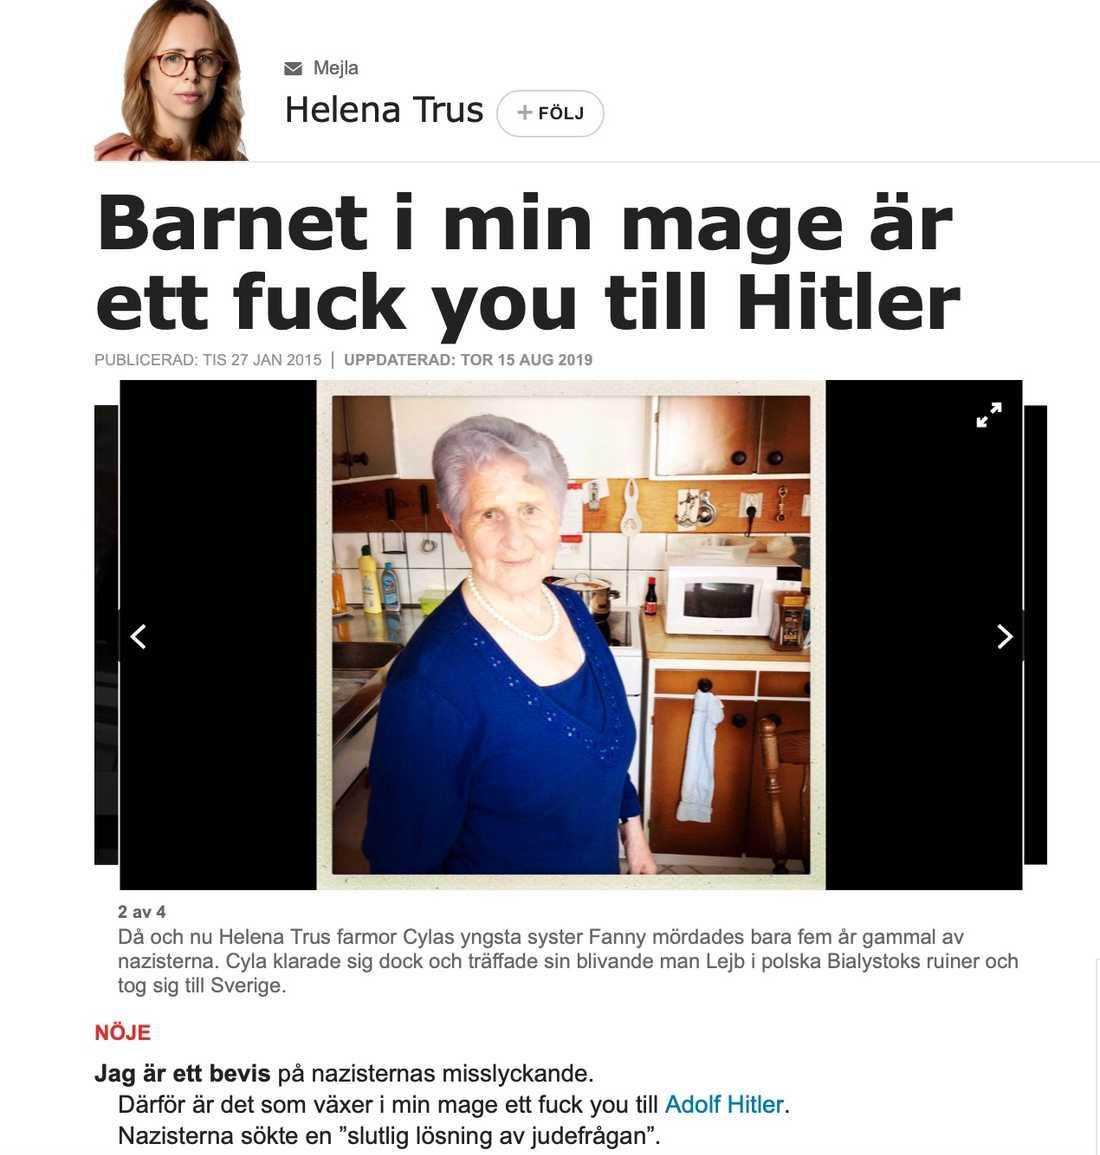 Skärmdump på krönikan Helena Trus skrev den 27 januari 2015 på Förintelsens minnesdag.